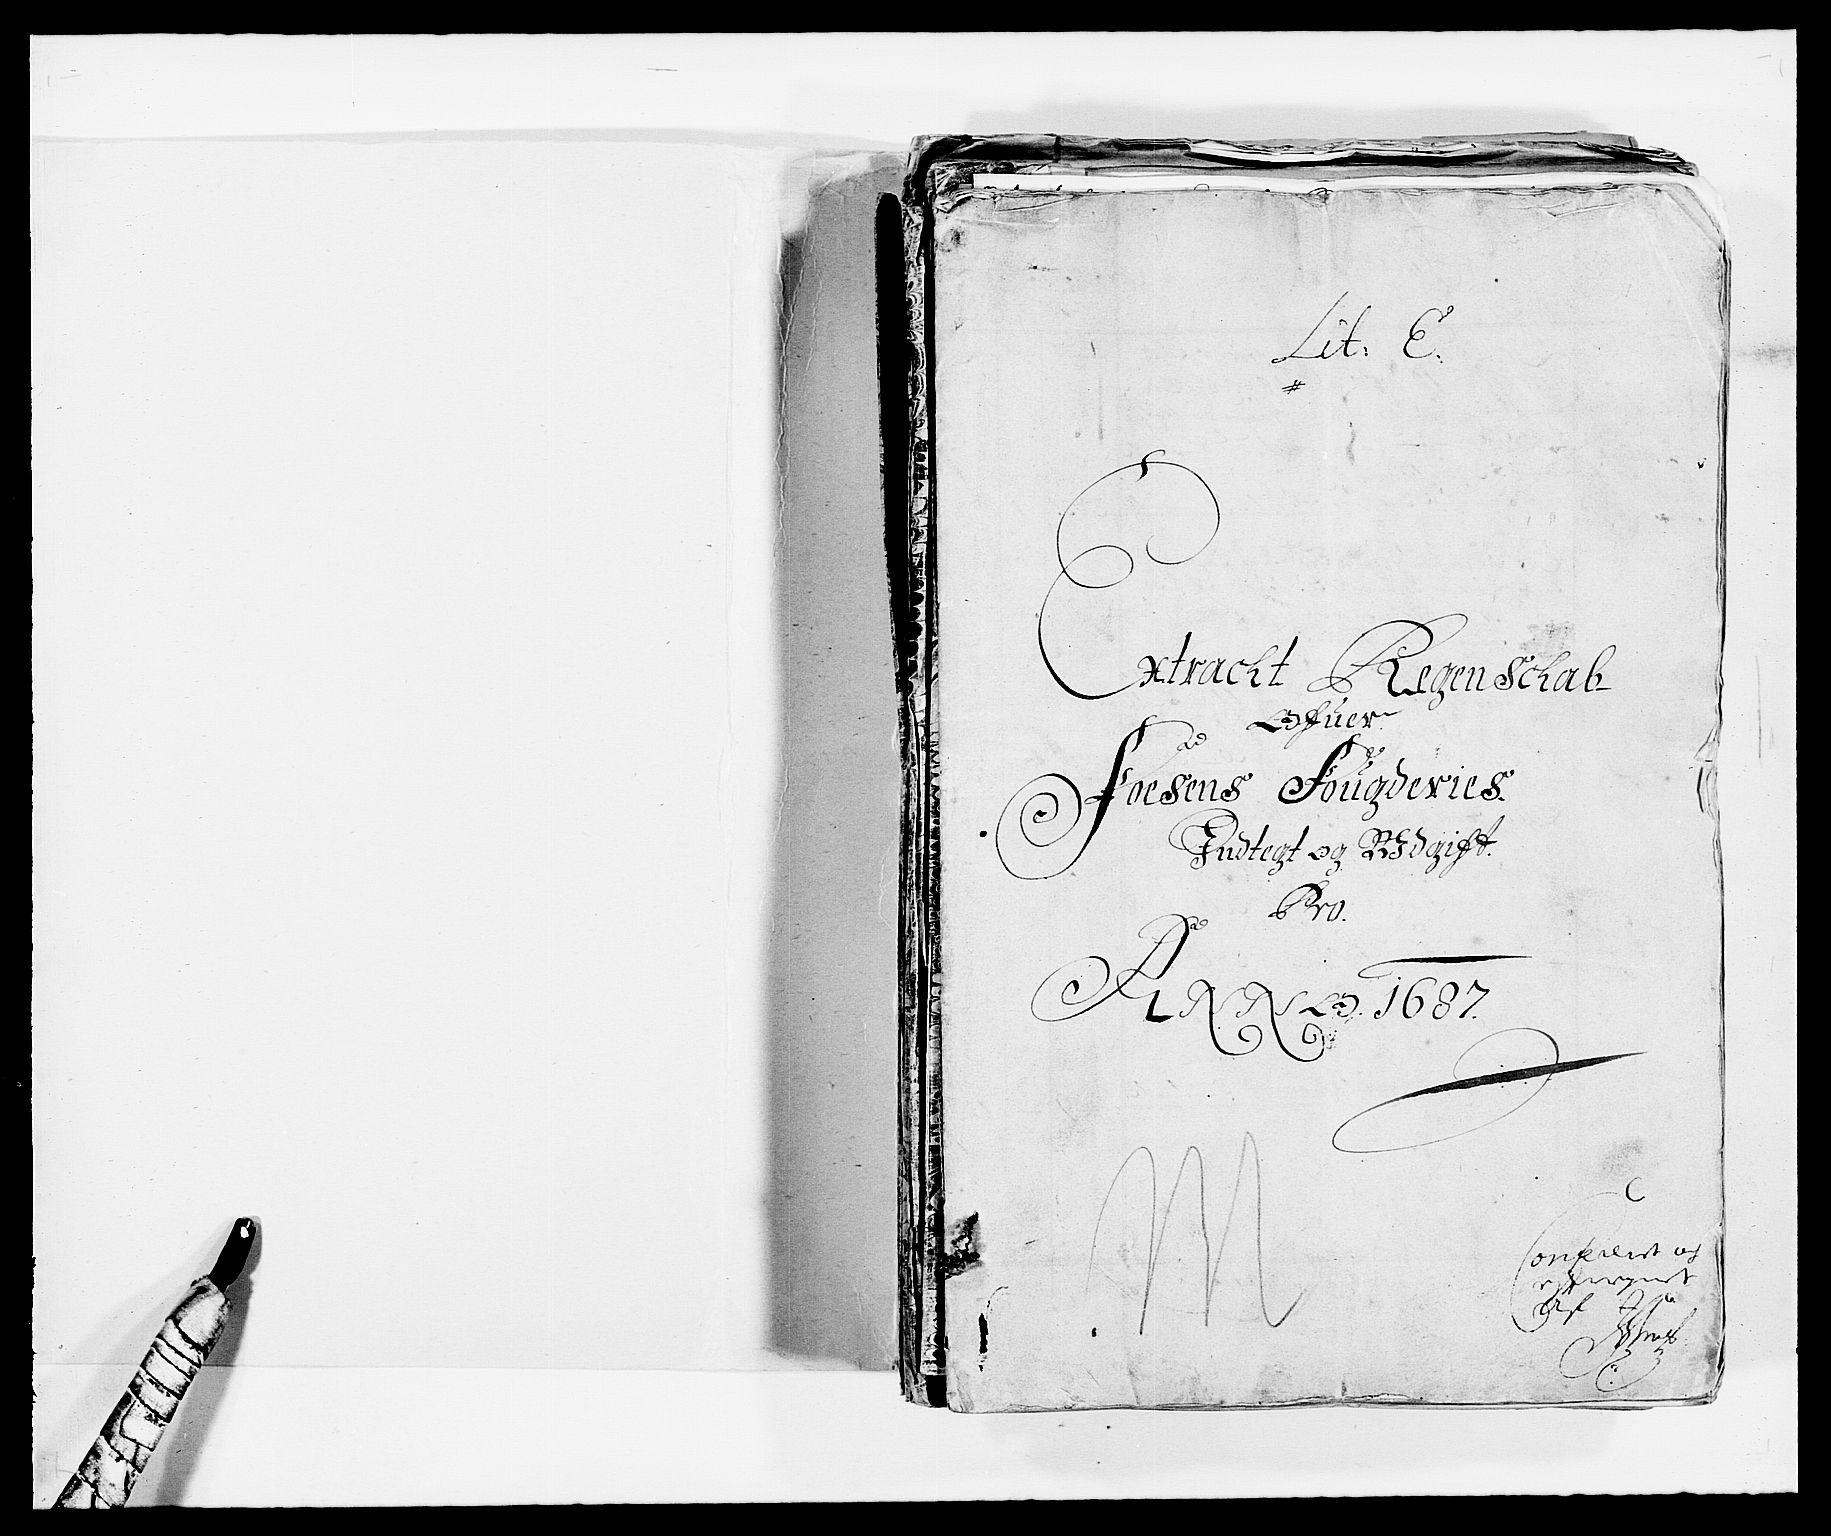 RA, Rentekammeret inntil 1814, Reviderte regnskaper, Fogderegnskap, R57/L3845: Fogderegnskap Fosen, 1687, s. 2